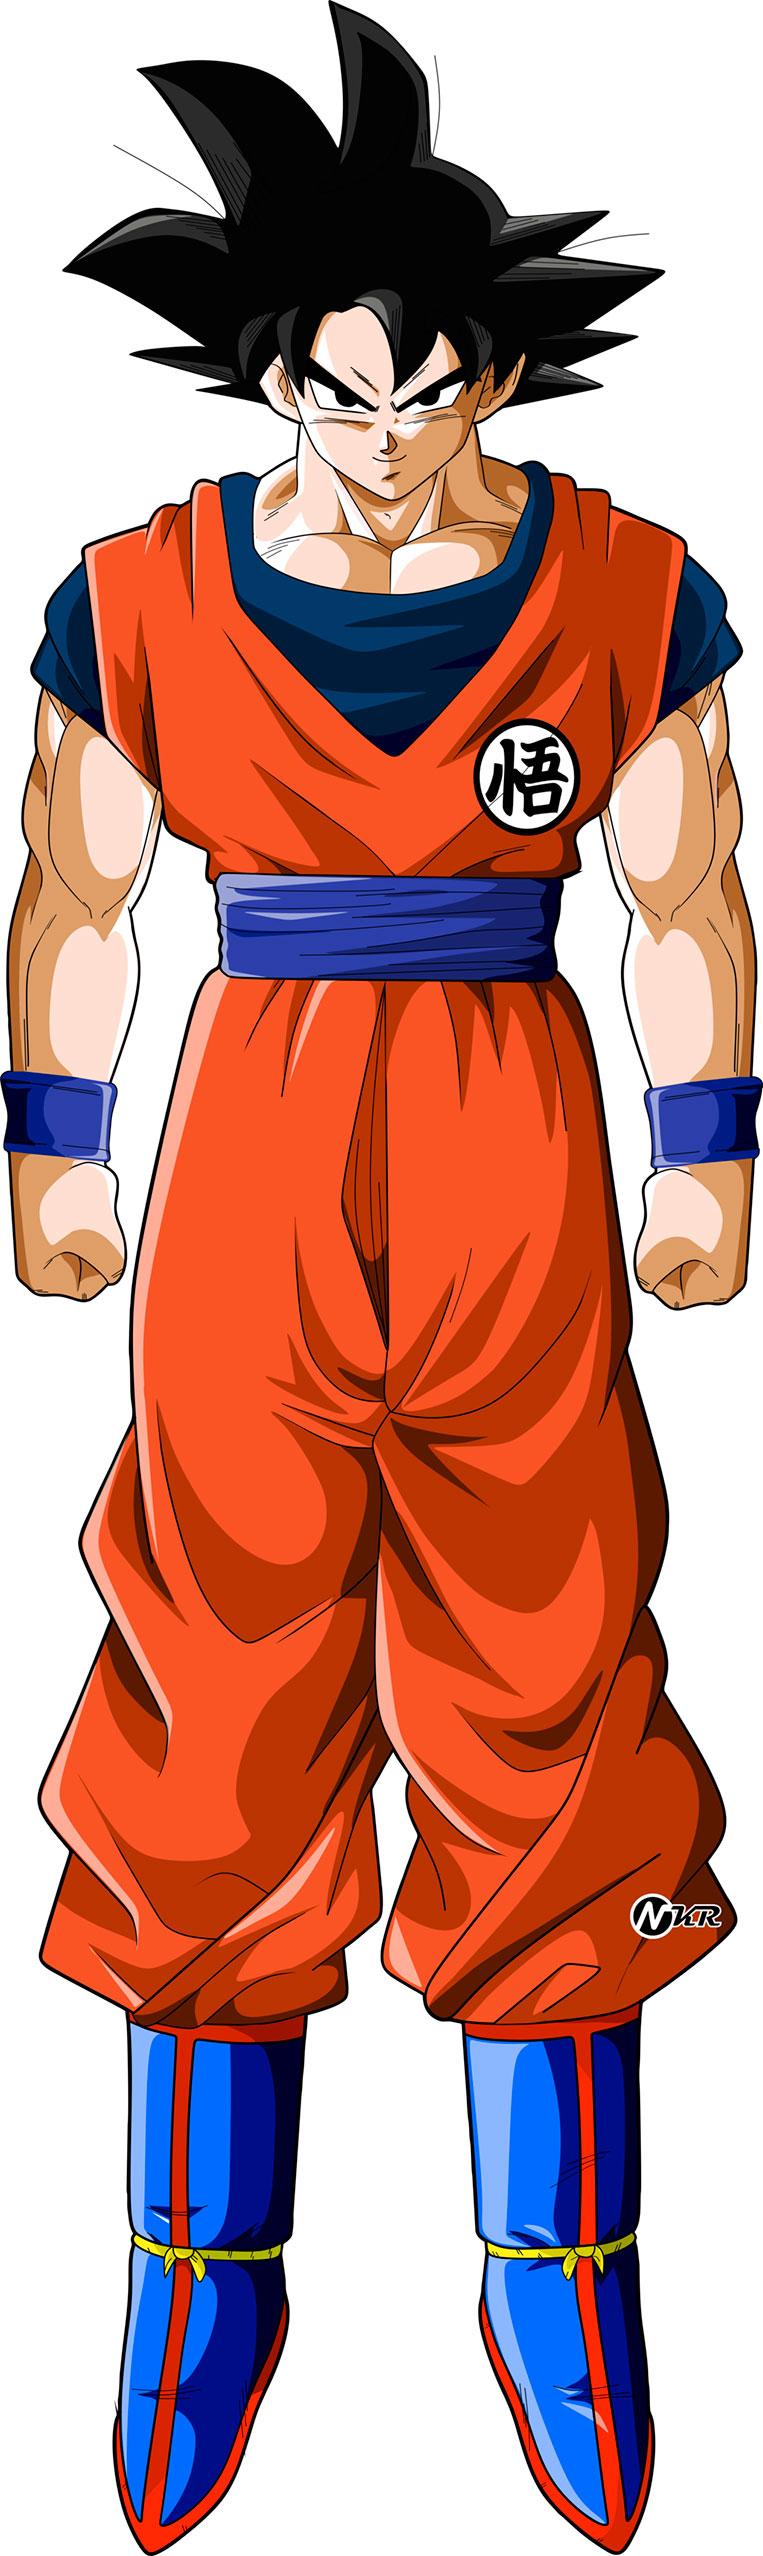 Goku na forma base